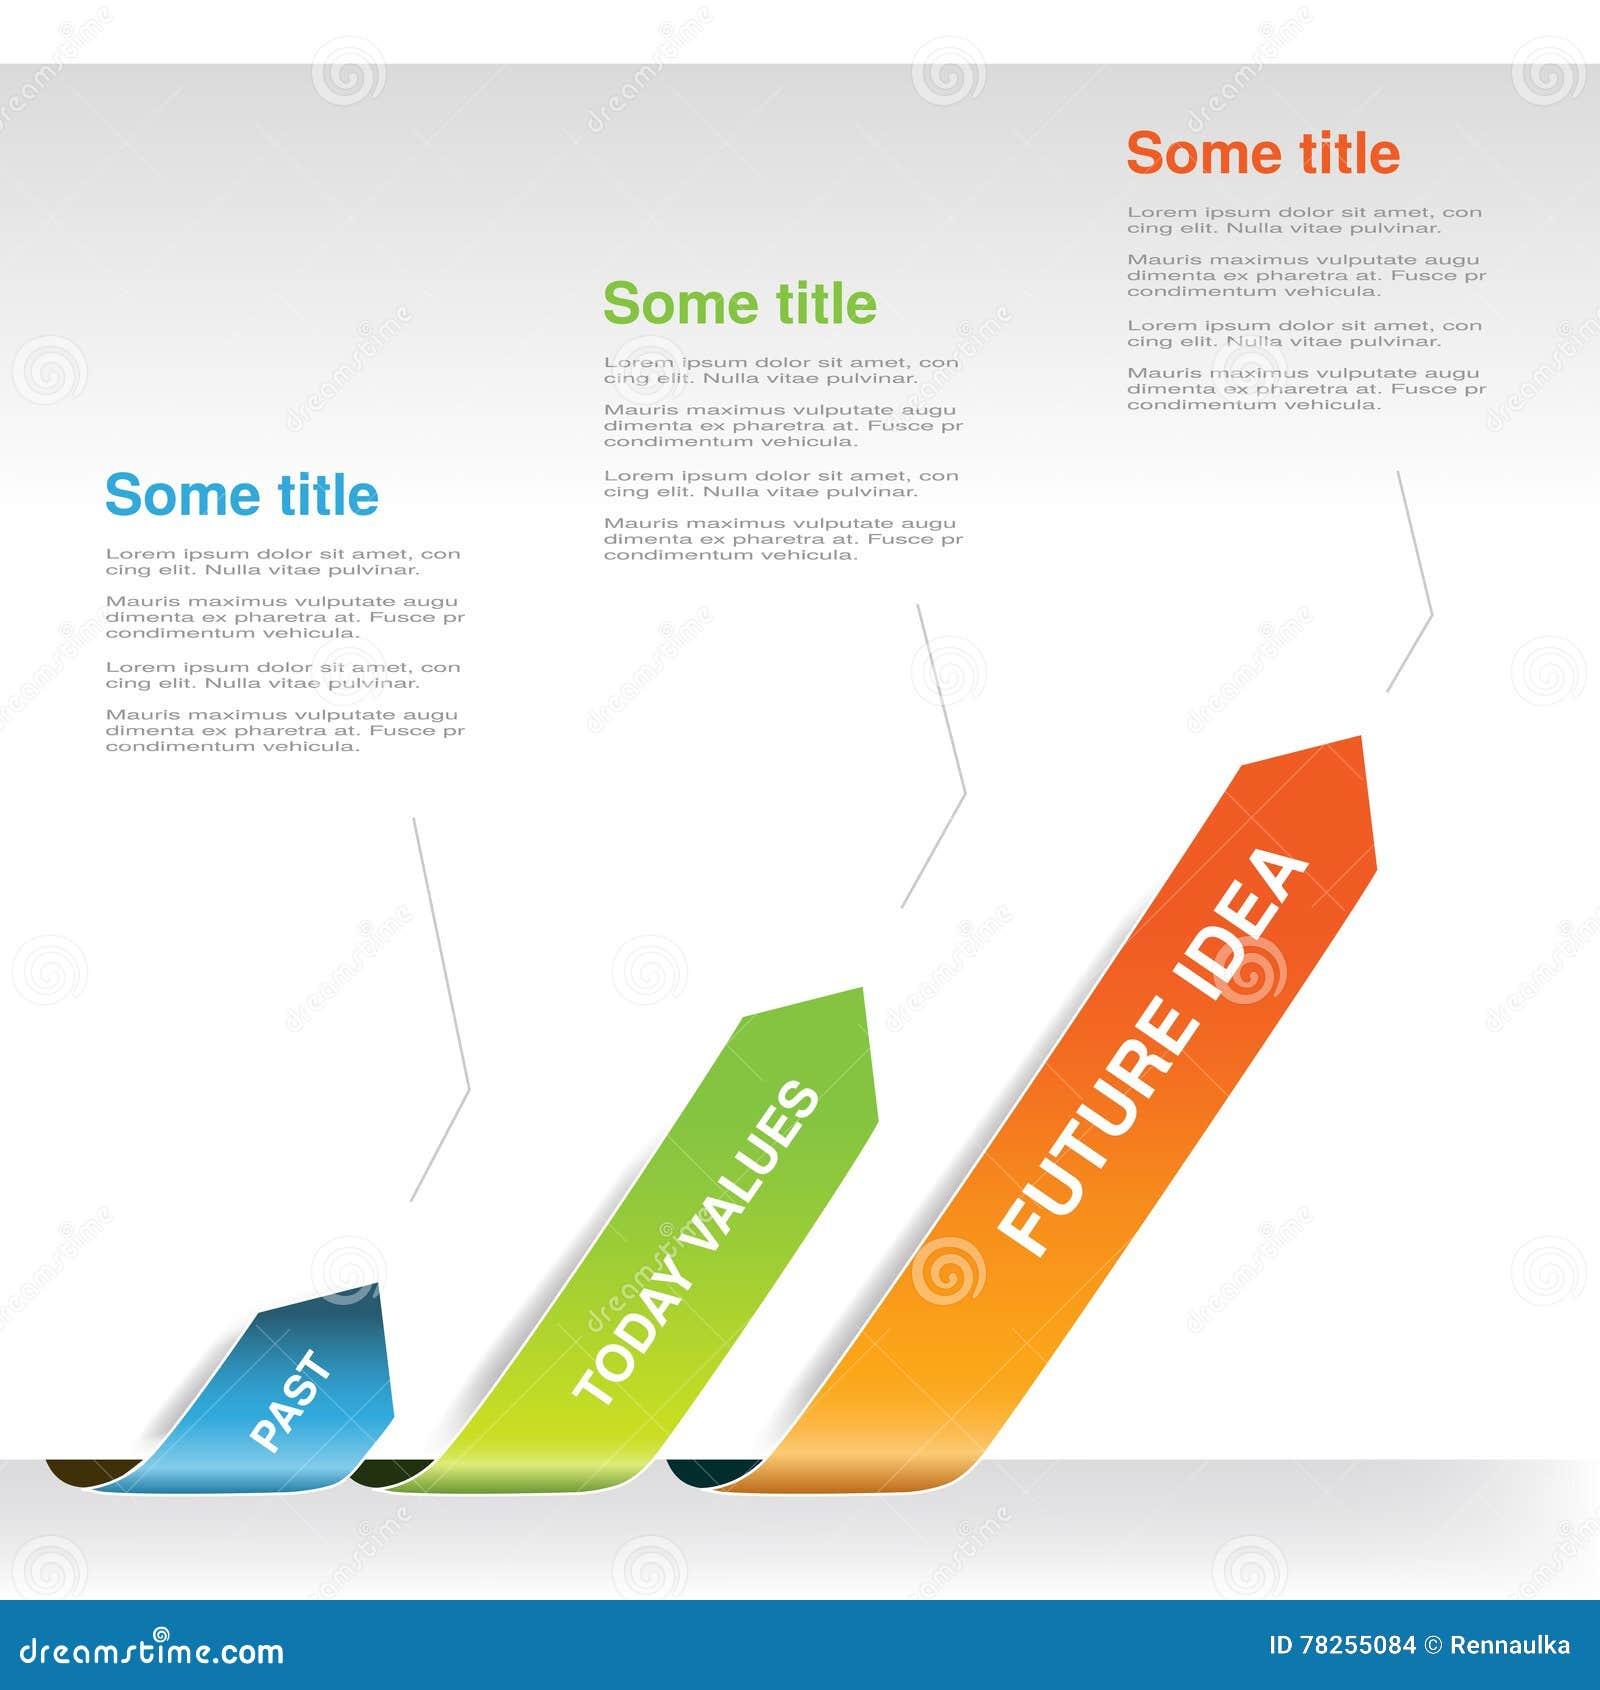 Μετά από, σήμερα τιμές, το μελλοντικό σχήμα διαγραμμάτων ιδέας Infographic βέλη χρώματος υπόδειξης ως προς το χρόνο